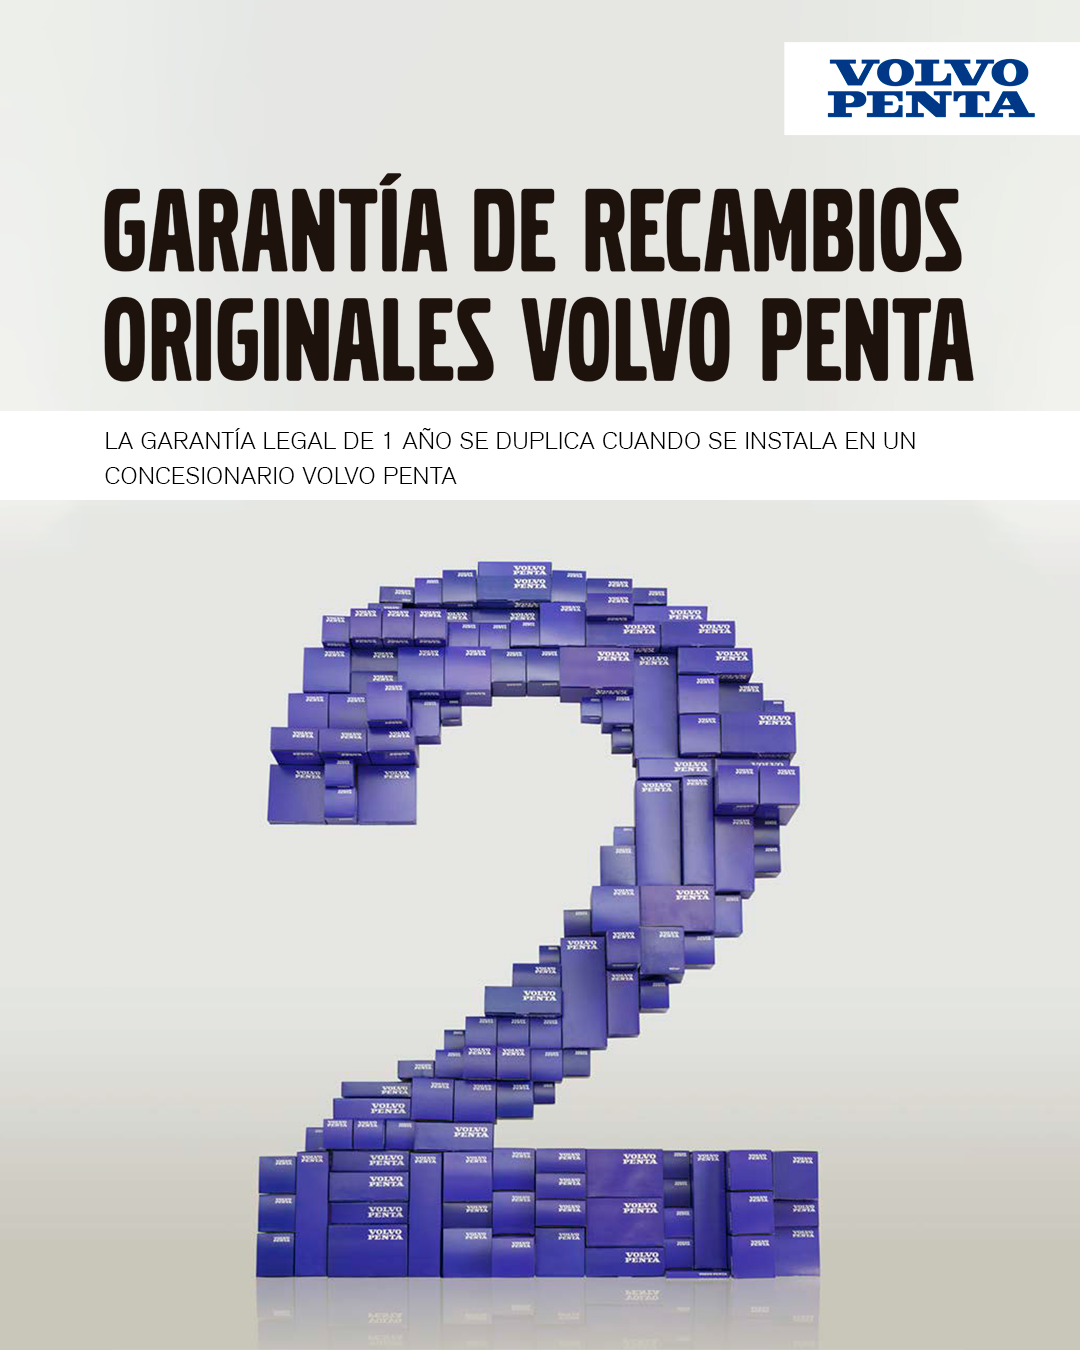 campañas Volvo Penta garantía 2x1